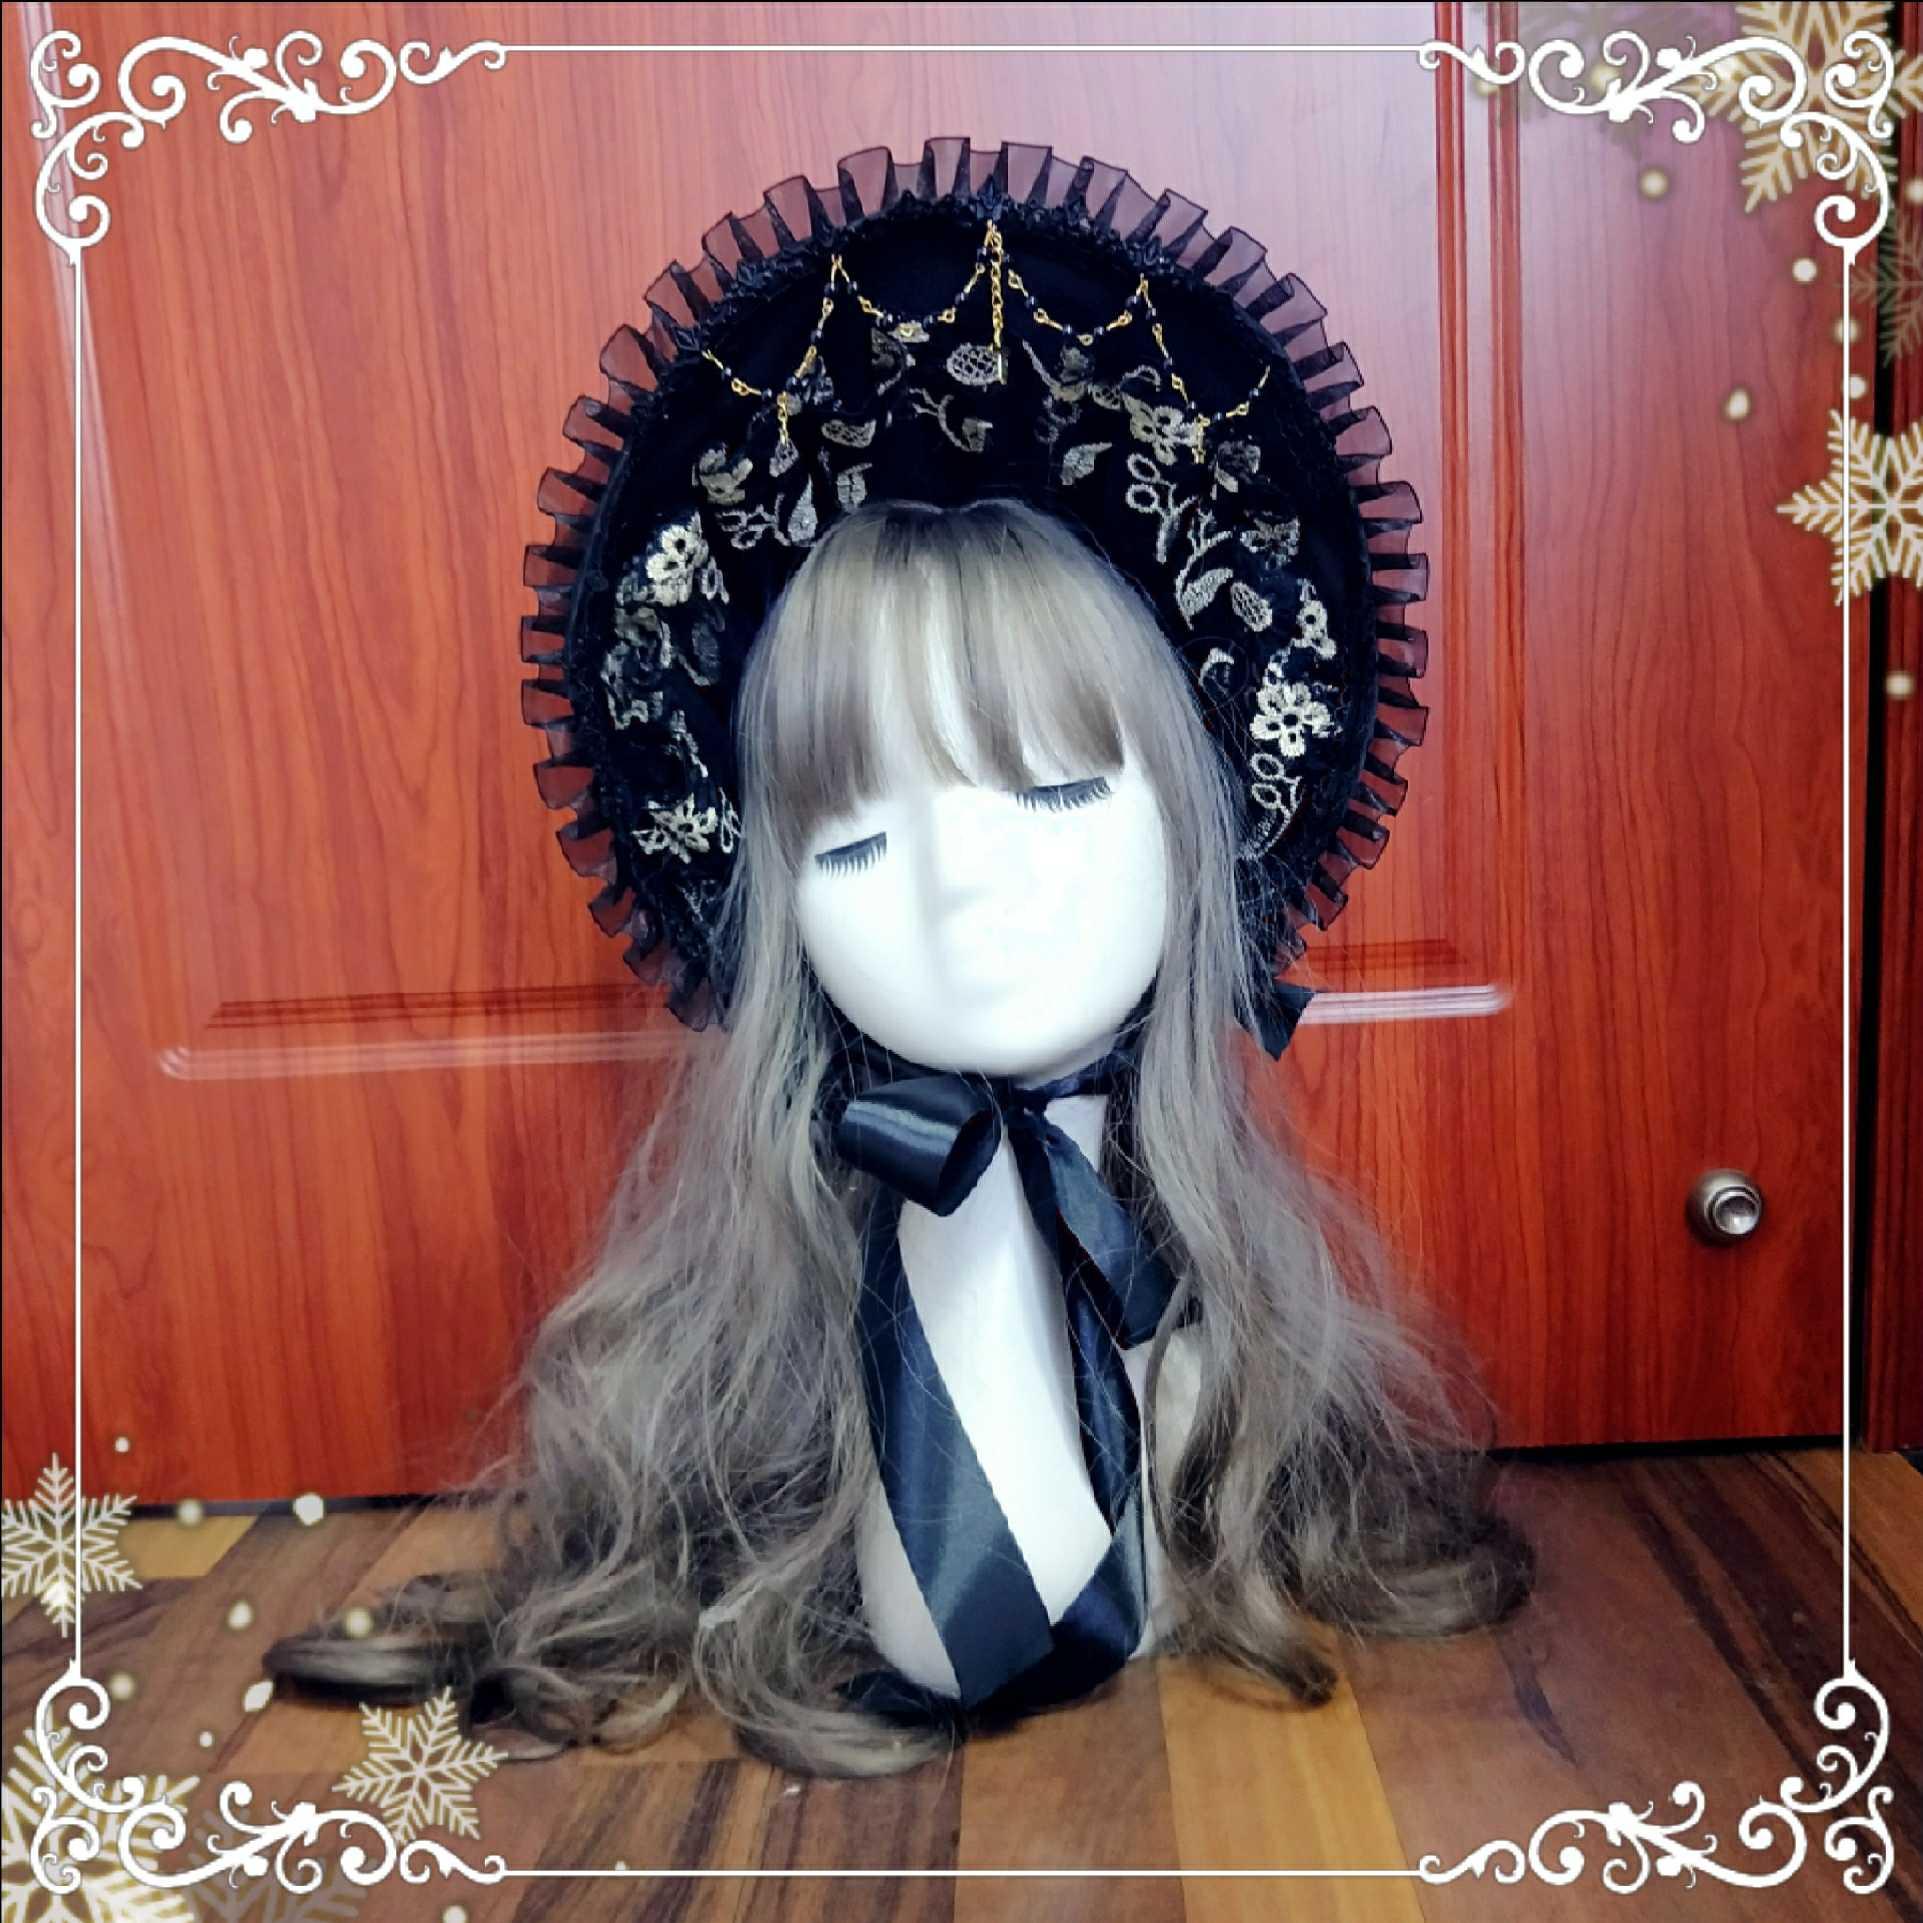 لوليتا غطاء الرأس الدانتيل bnt المحكمة قبعة القوطية الحلو لوليتا قبعة جمع kawaii فتاة إكسسوارات الشعر فتاة القوطية لوليتا تأثيري